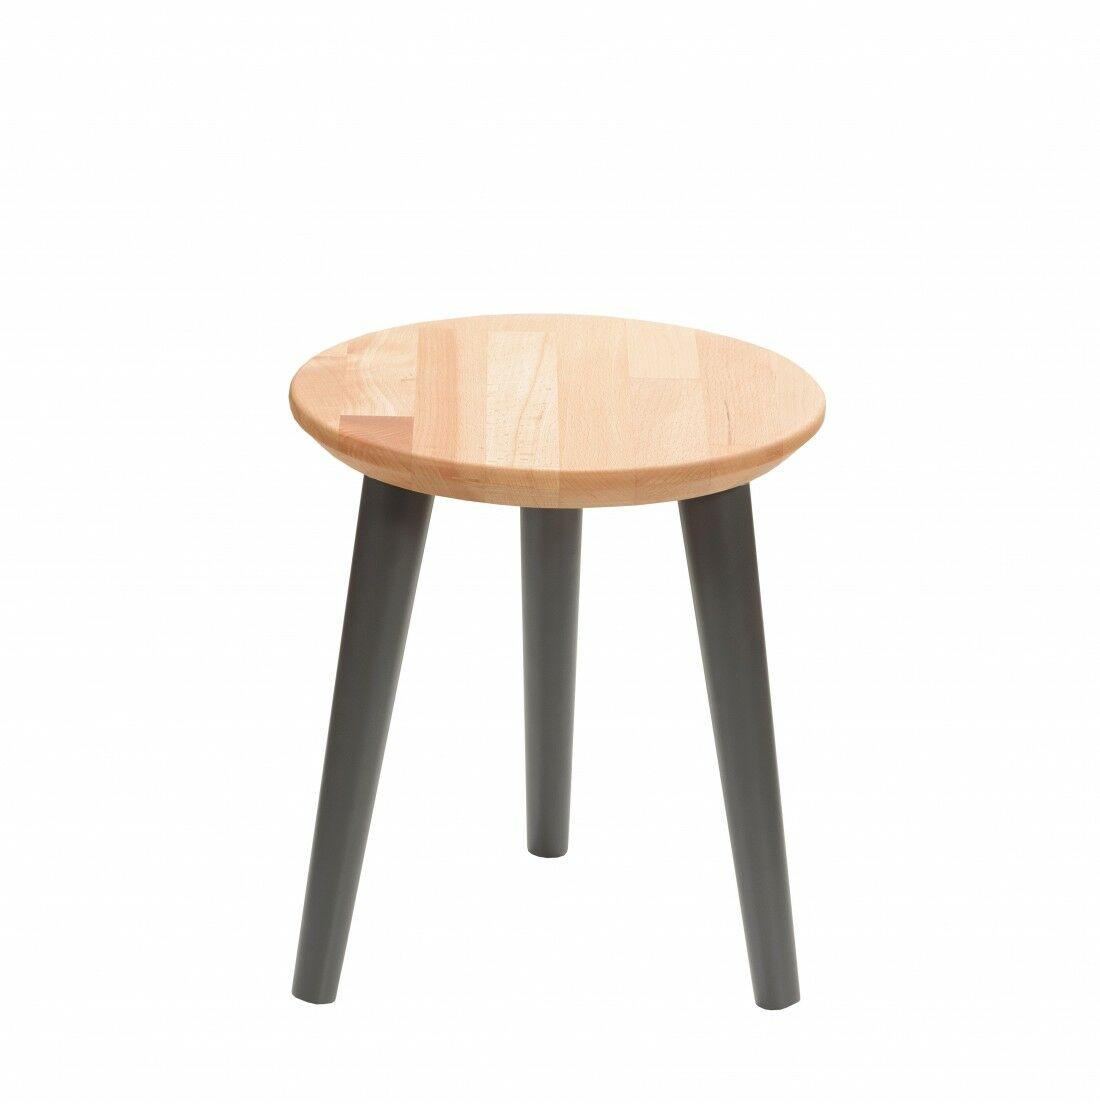 Taboret drewniany okrągły z litego buka Olejowany buk - Natural, Wykończenie nogi - Grafit, Wysokość - 340, Wymiar siedziska (Średnica) - 300